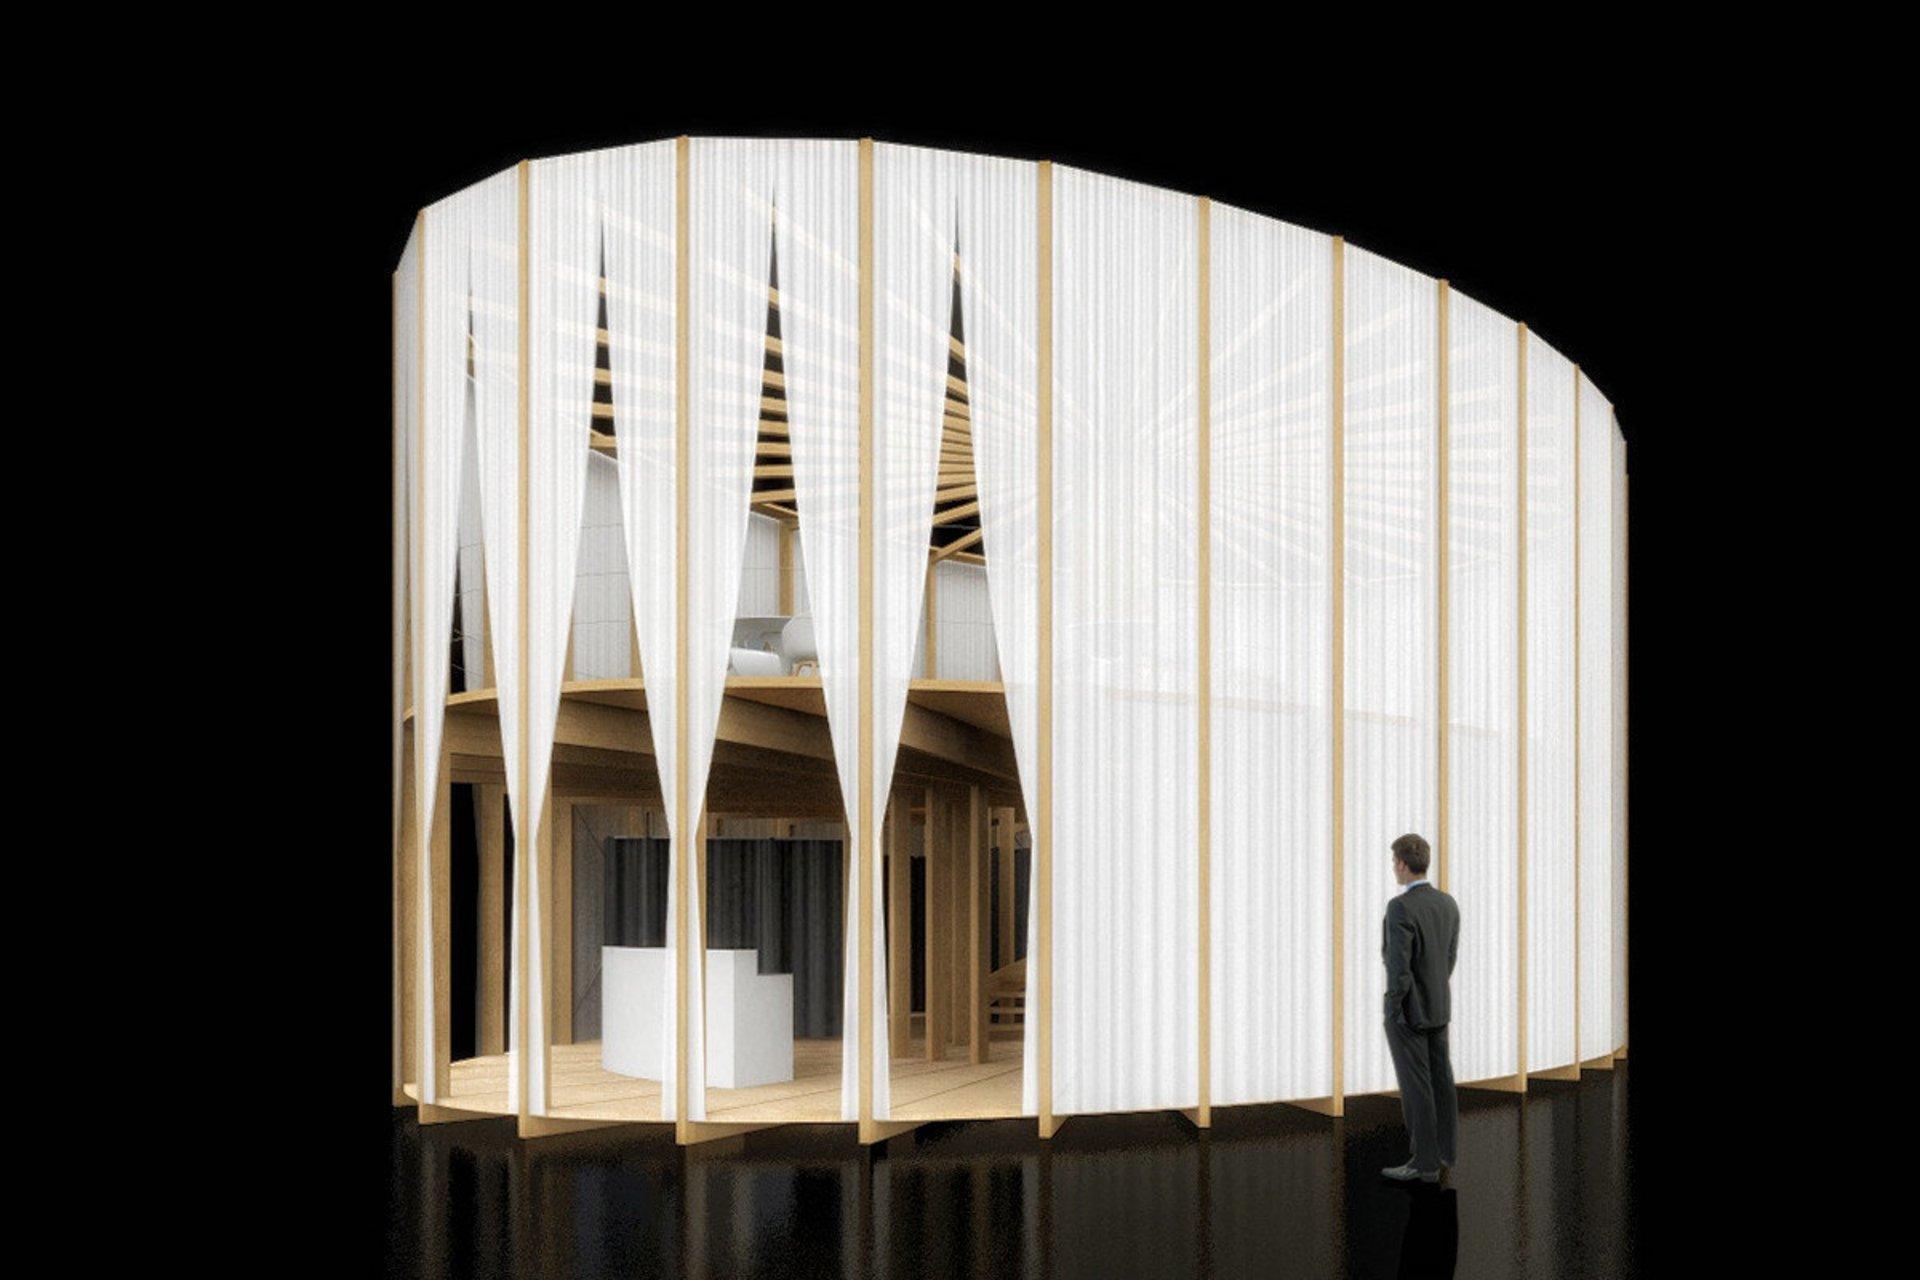 Pavillon 2-geschossig elliptischer Grundriss weissen Vorhängen